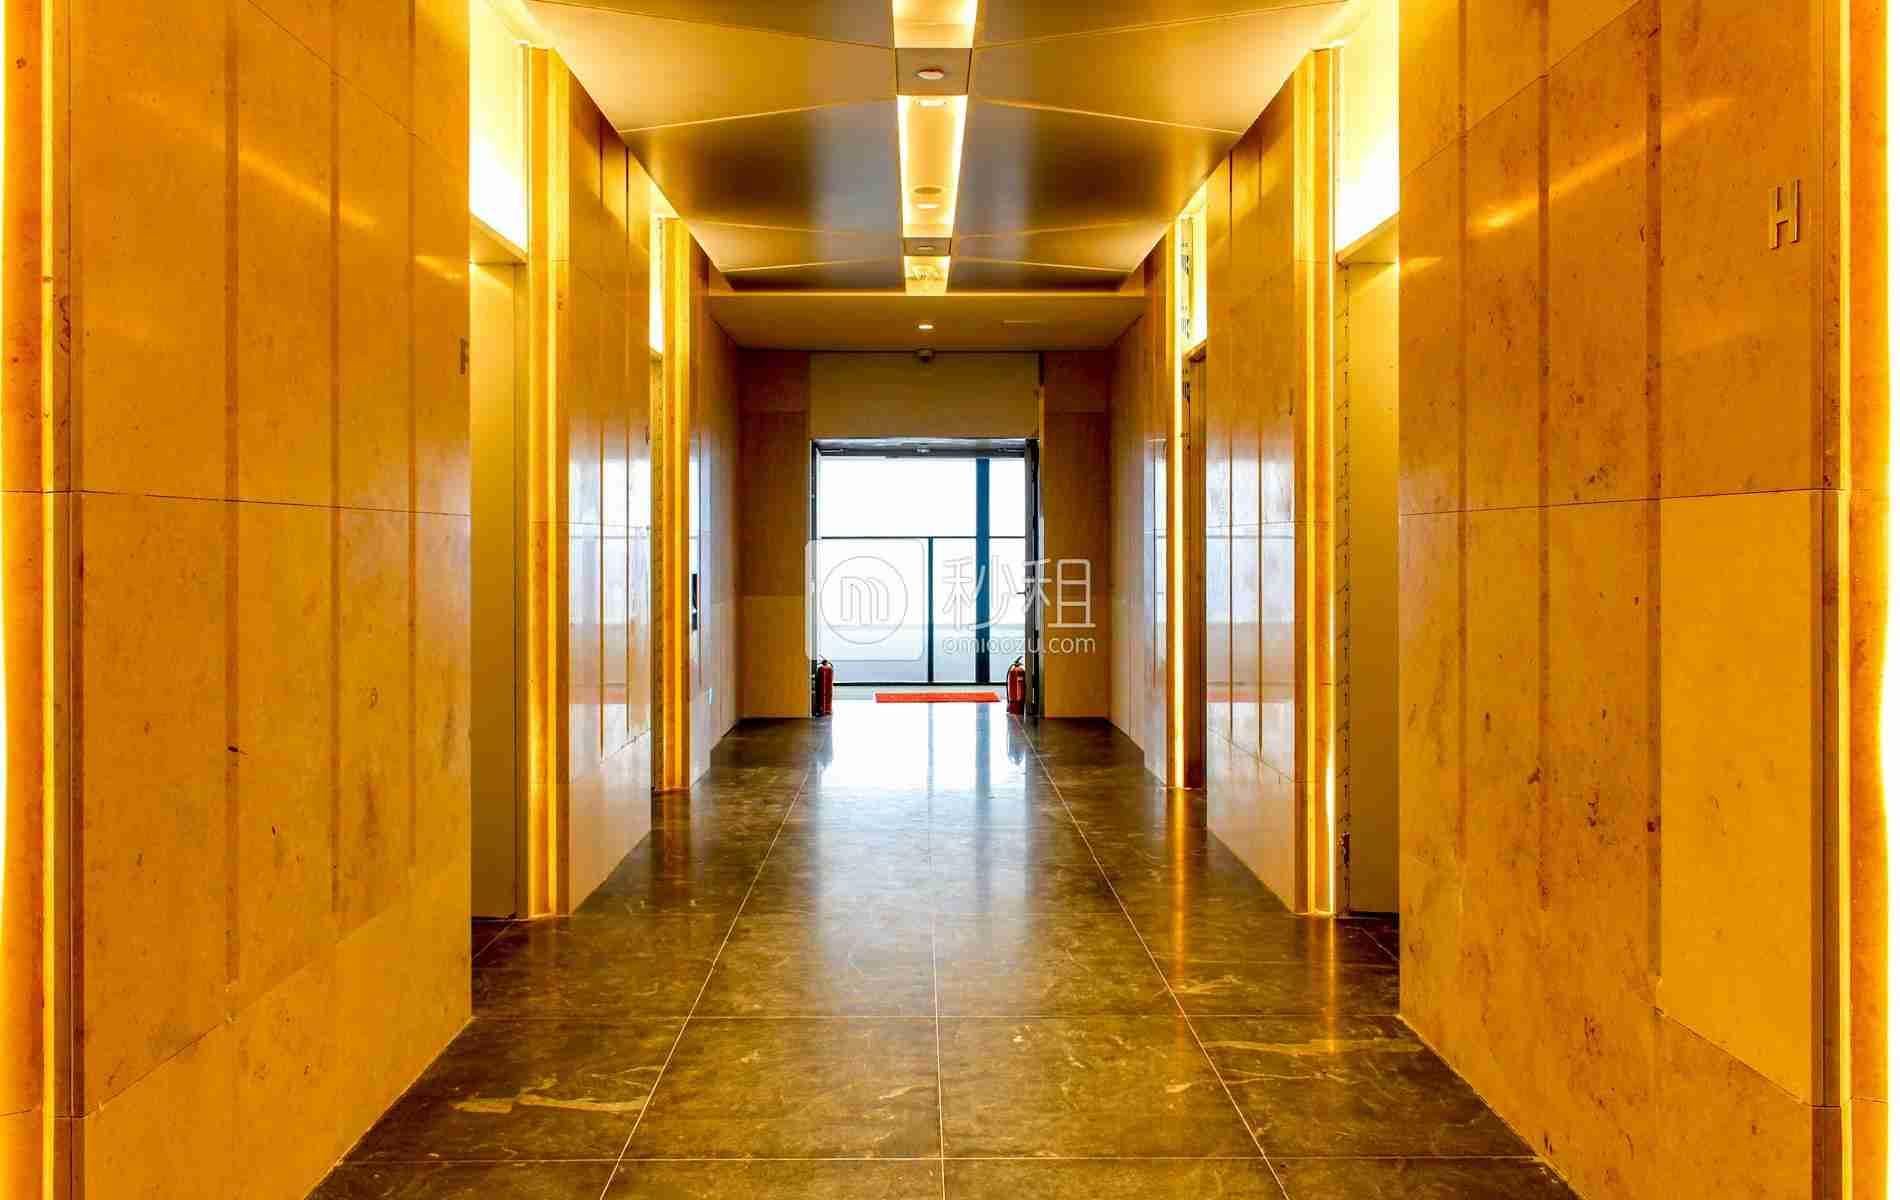 平安國際金融中心寫字樓出租/招租/租賃,平安國際金融中心辦公室出租/招租/租賃